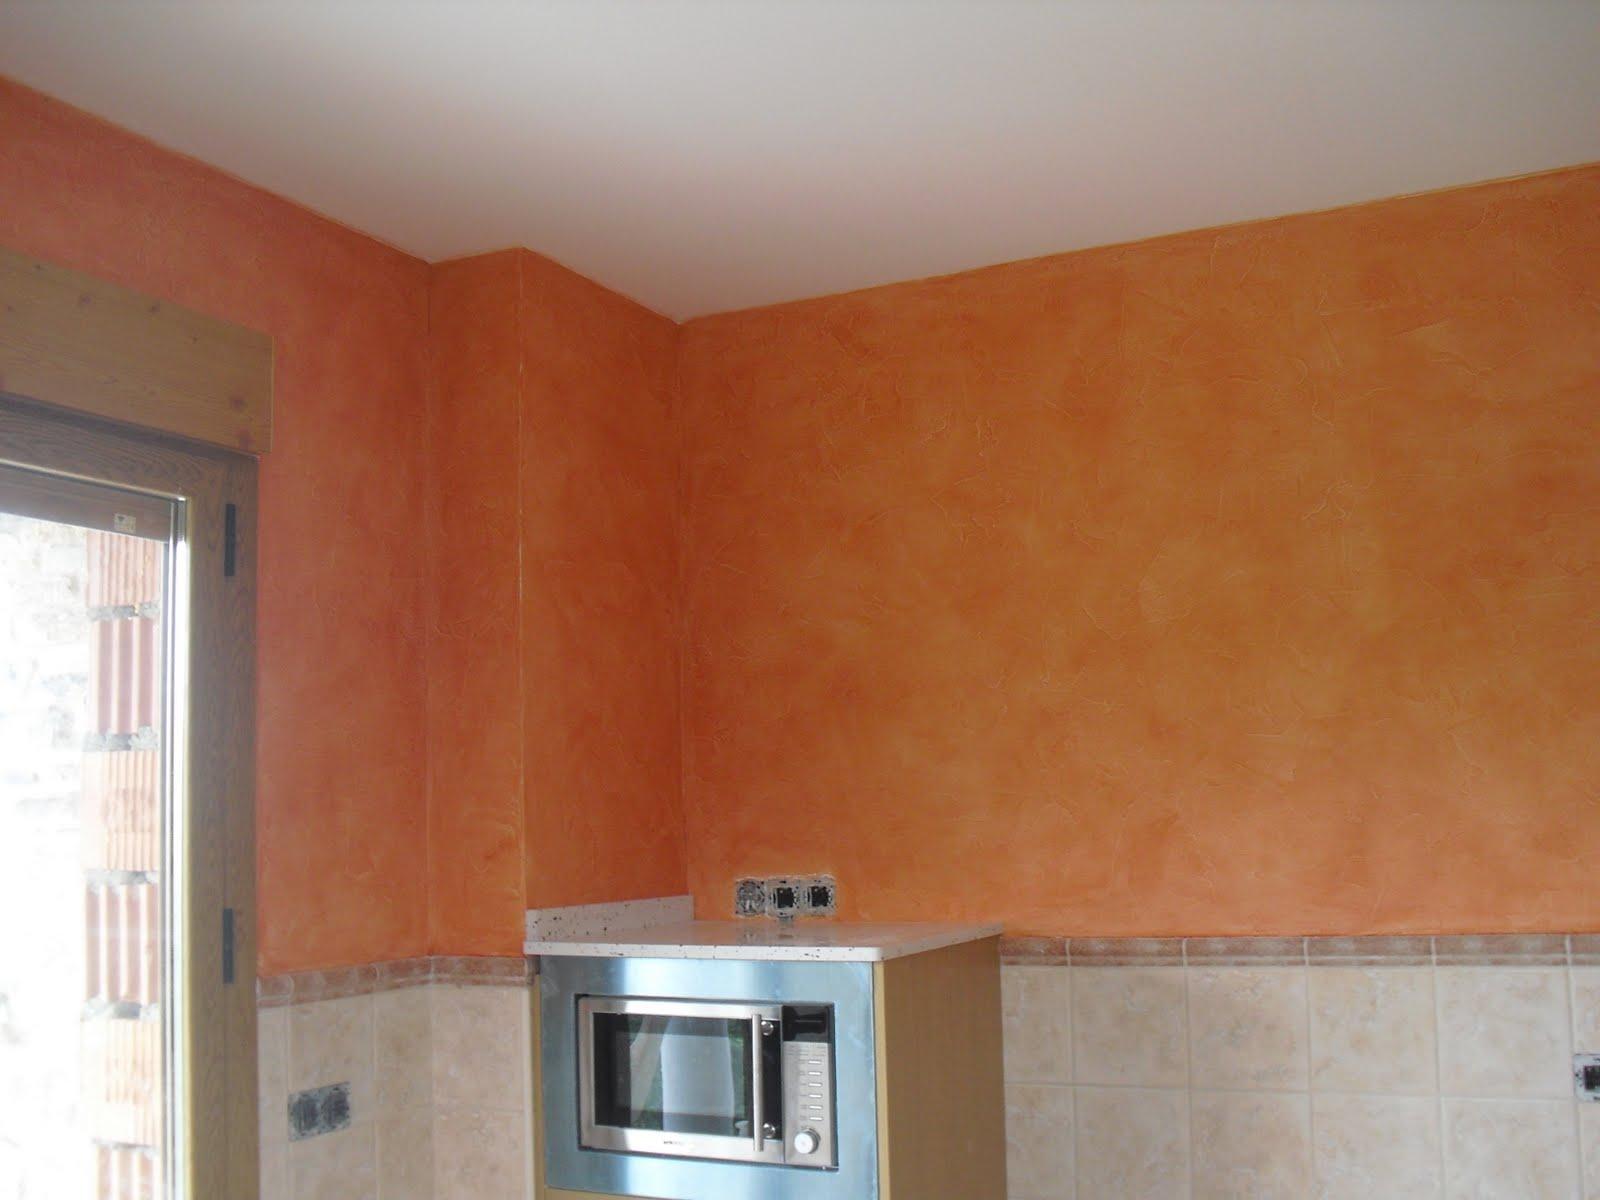 Brochas2009 efecto rustico color naranja en pared de cocina - Pintura naranja pared ...